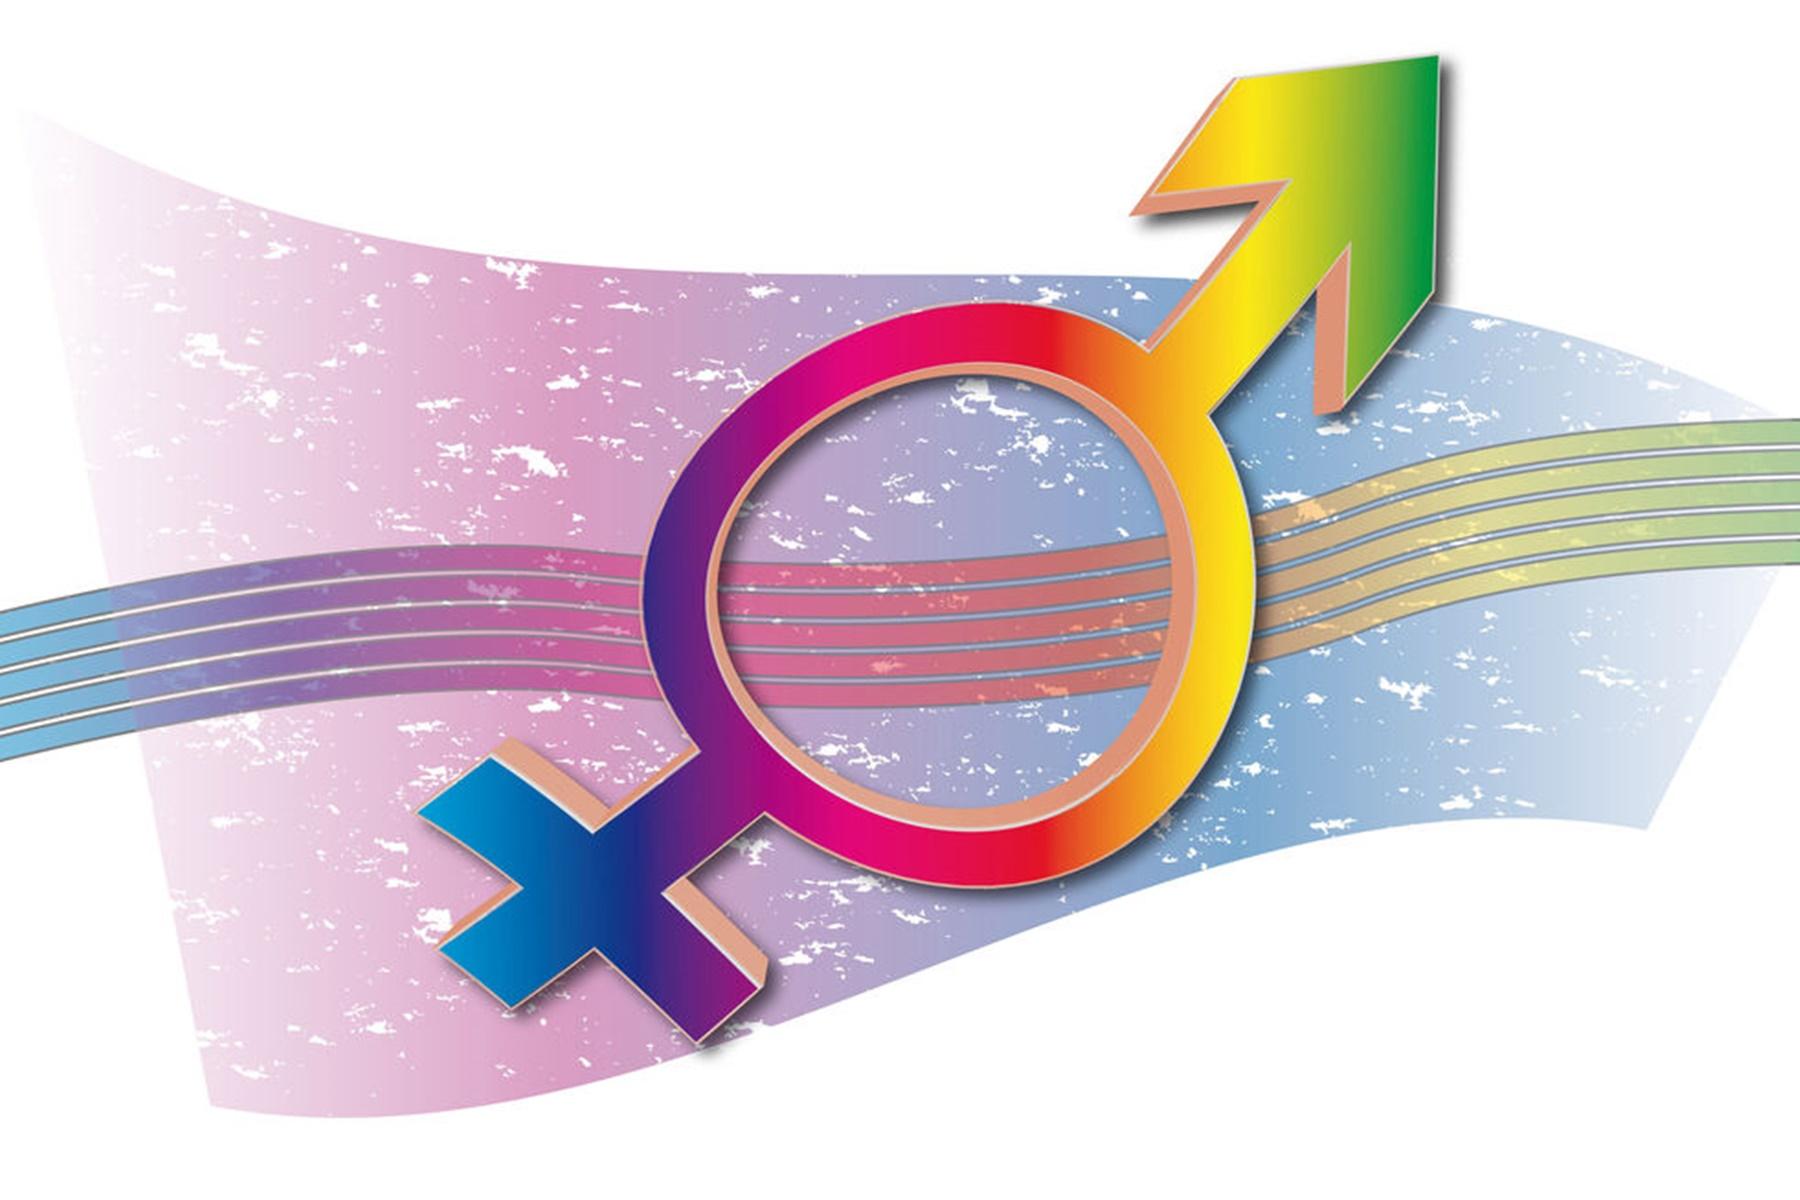 Σεξουαλική υγεία : Τα οφέλη της στην ζωή σας